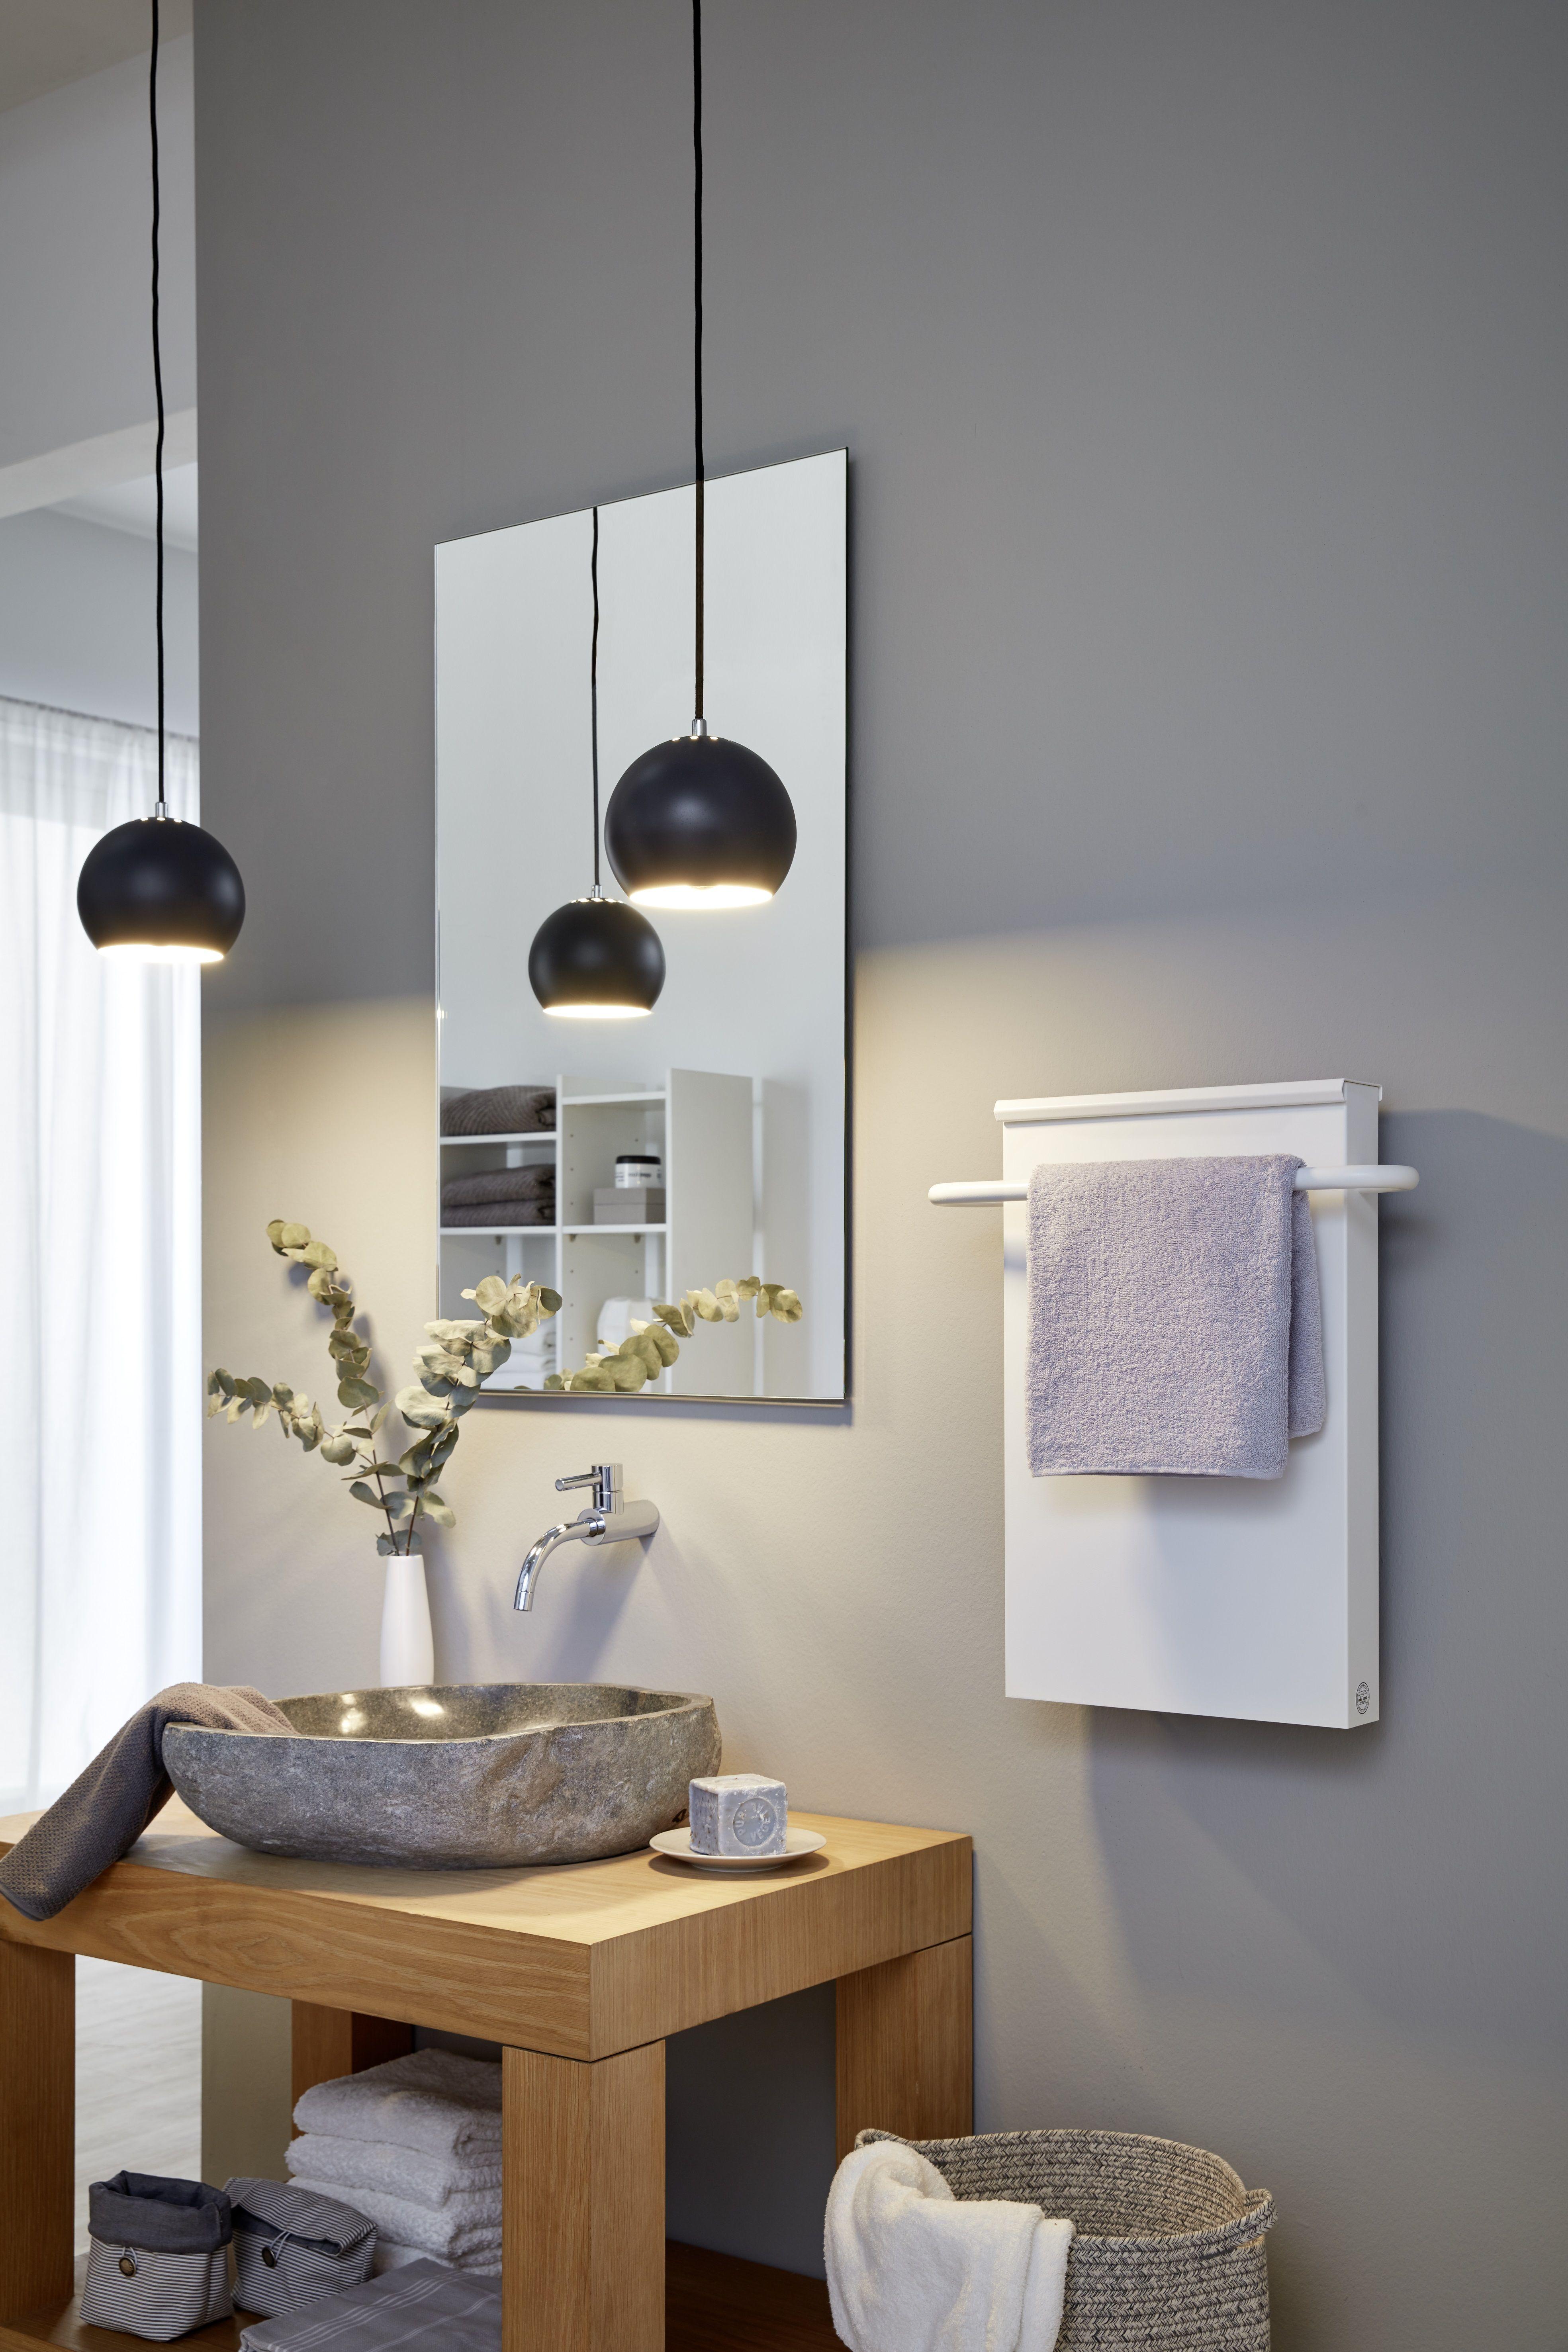 Moderne Heizlösungen für dein Badezimmer. Mit Handtuchhalter